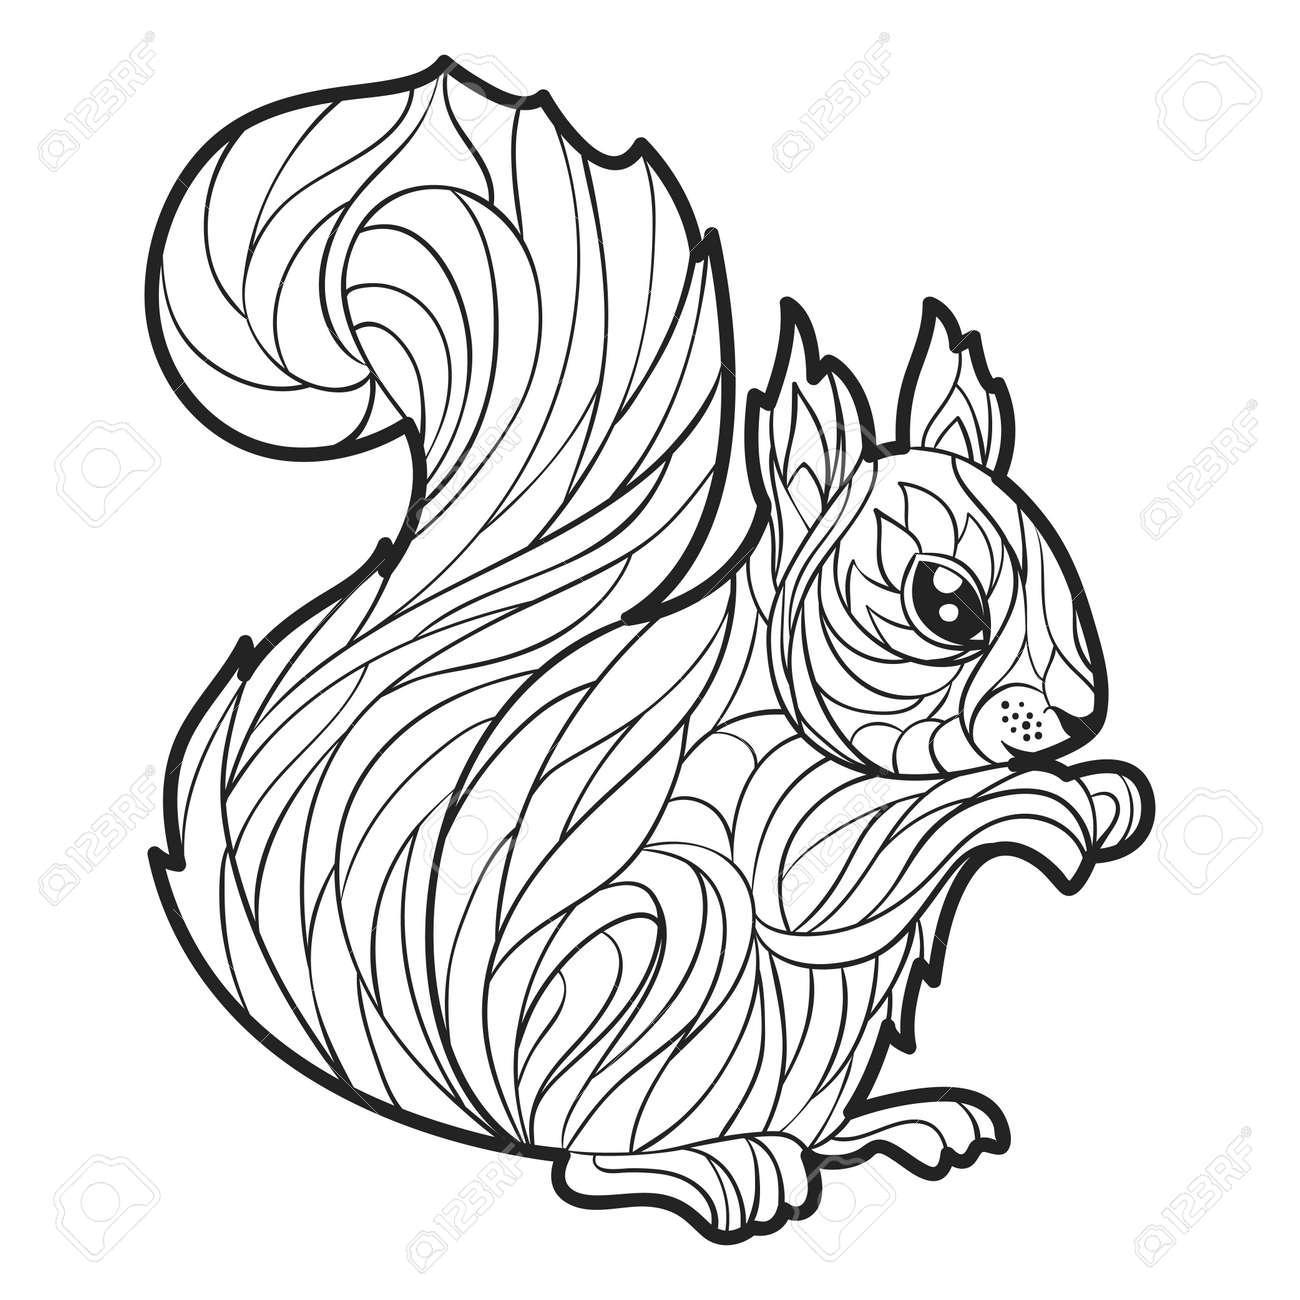 Kleurplaten Eekhoorntjes.Vector Zwart Wit Hand Getrokken Illustratie Van Eekhoorn Kleurplaat Met Hoge Details Geisoleerd Op Een Witte Achtergrond Boho Stijl Ontwerp Voor